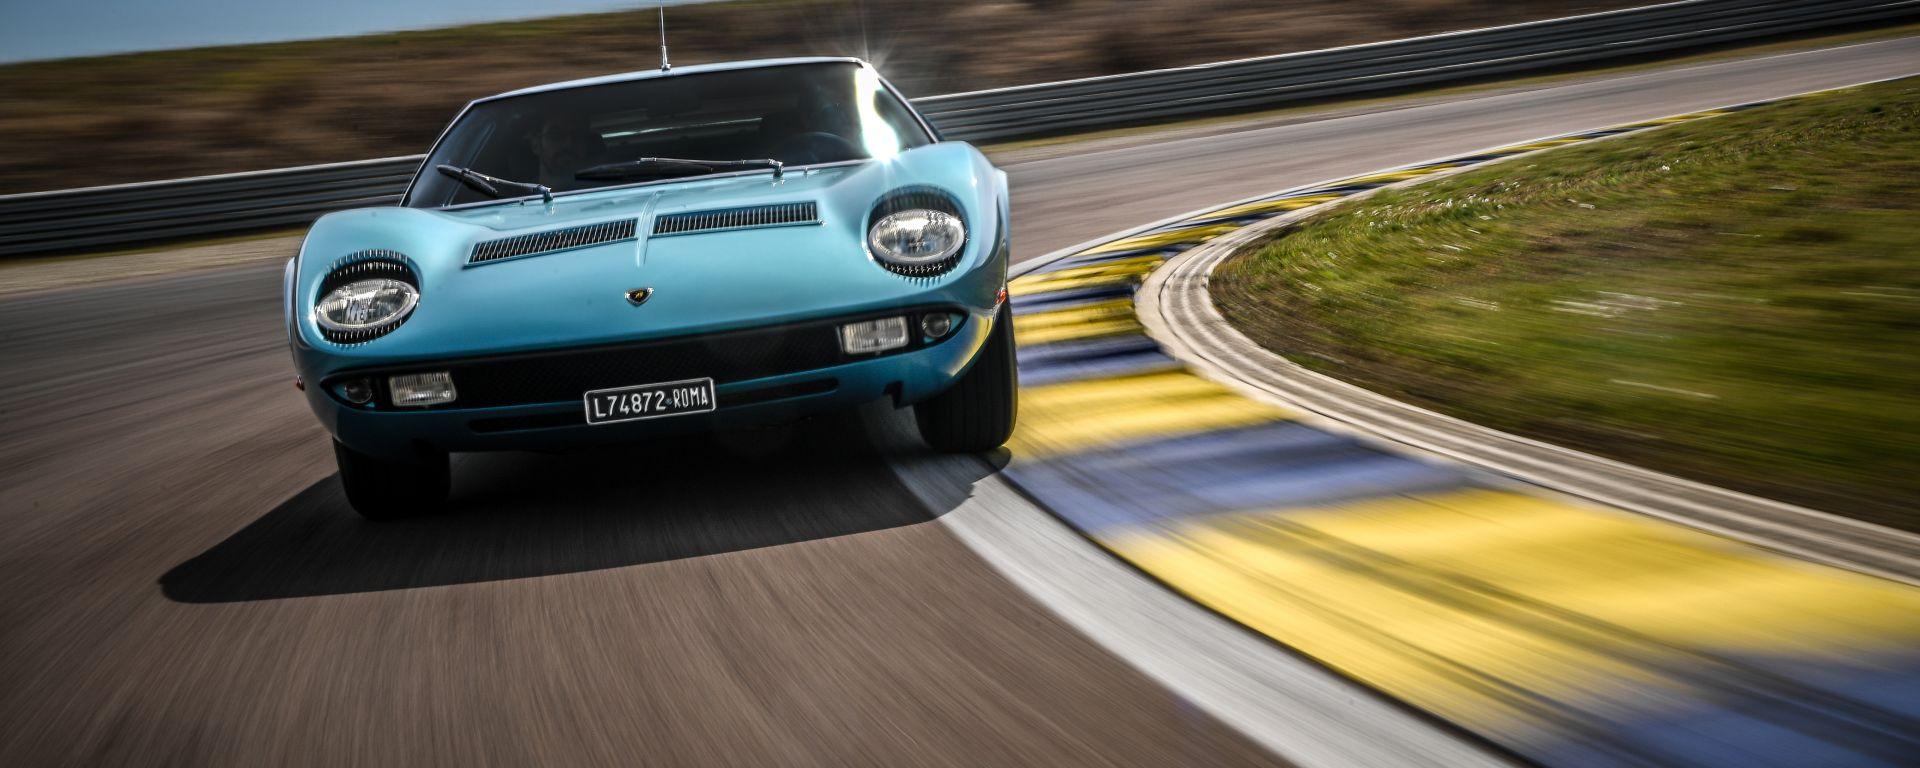 Lamborghini Miura S del cantante Little Tony, vista frontale